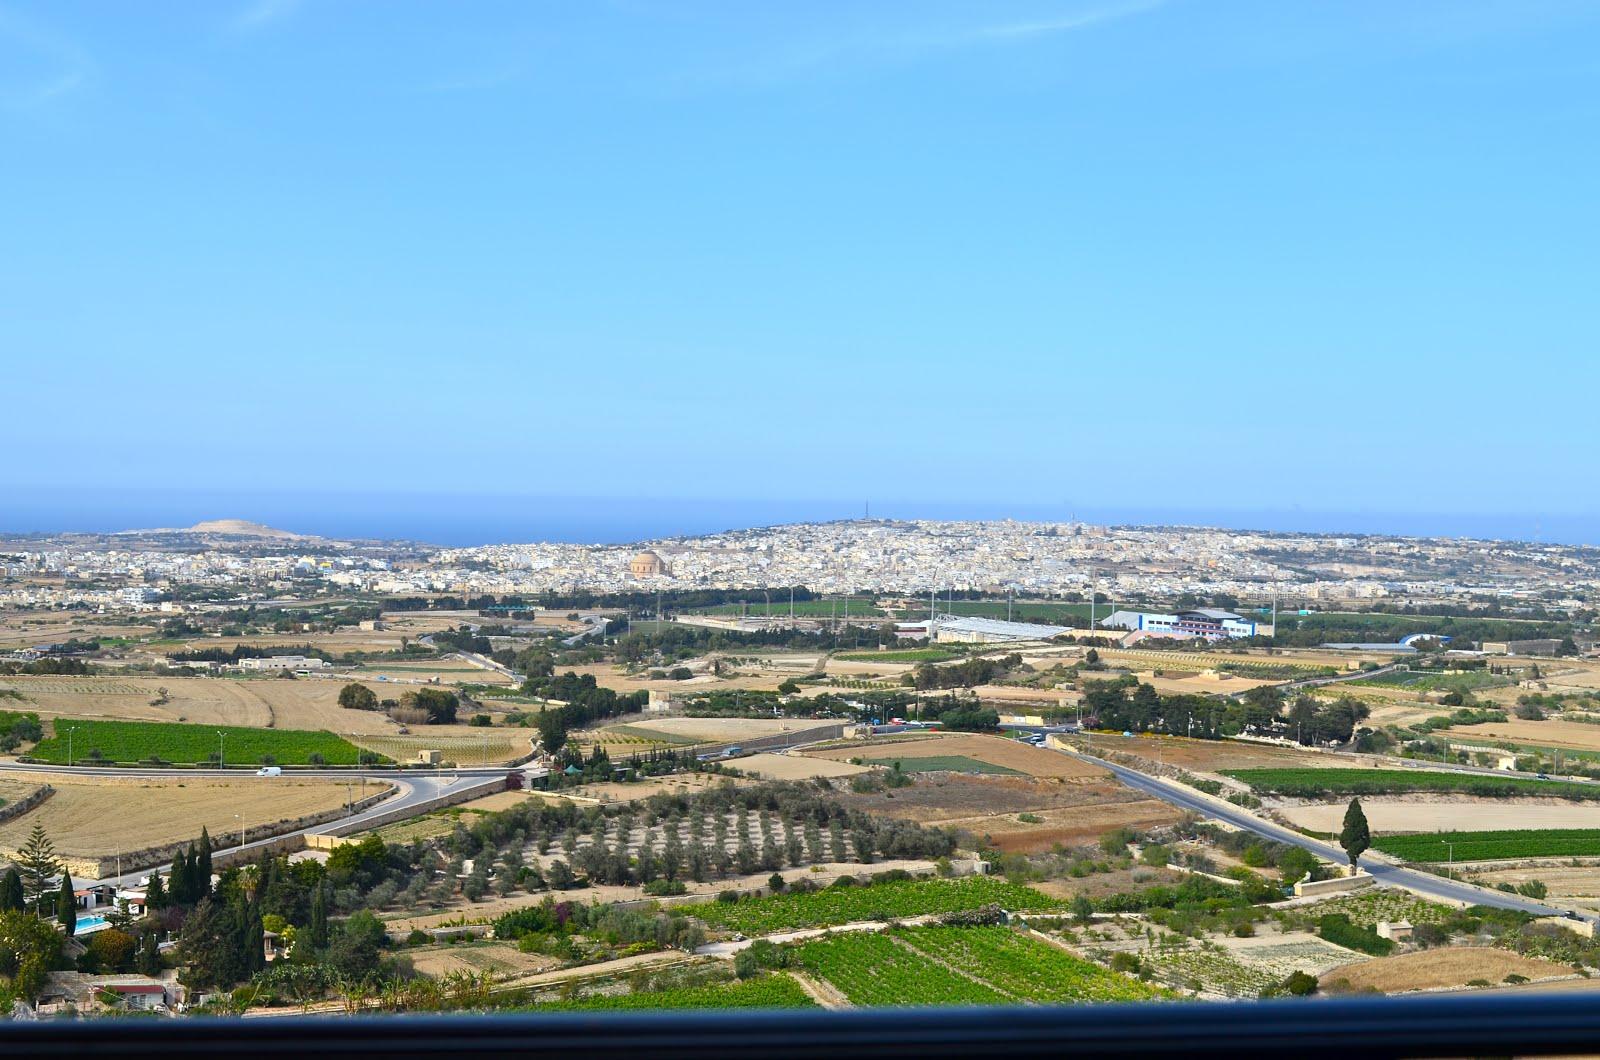 Maltan historialliset kaupungit - Mdina ja Valletta - Kotiranta kiikareissa